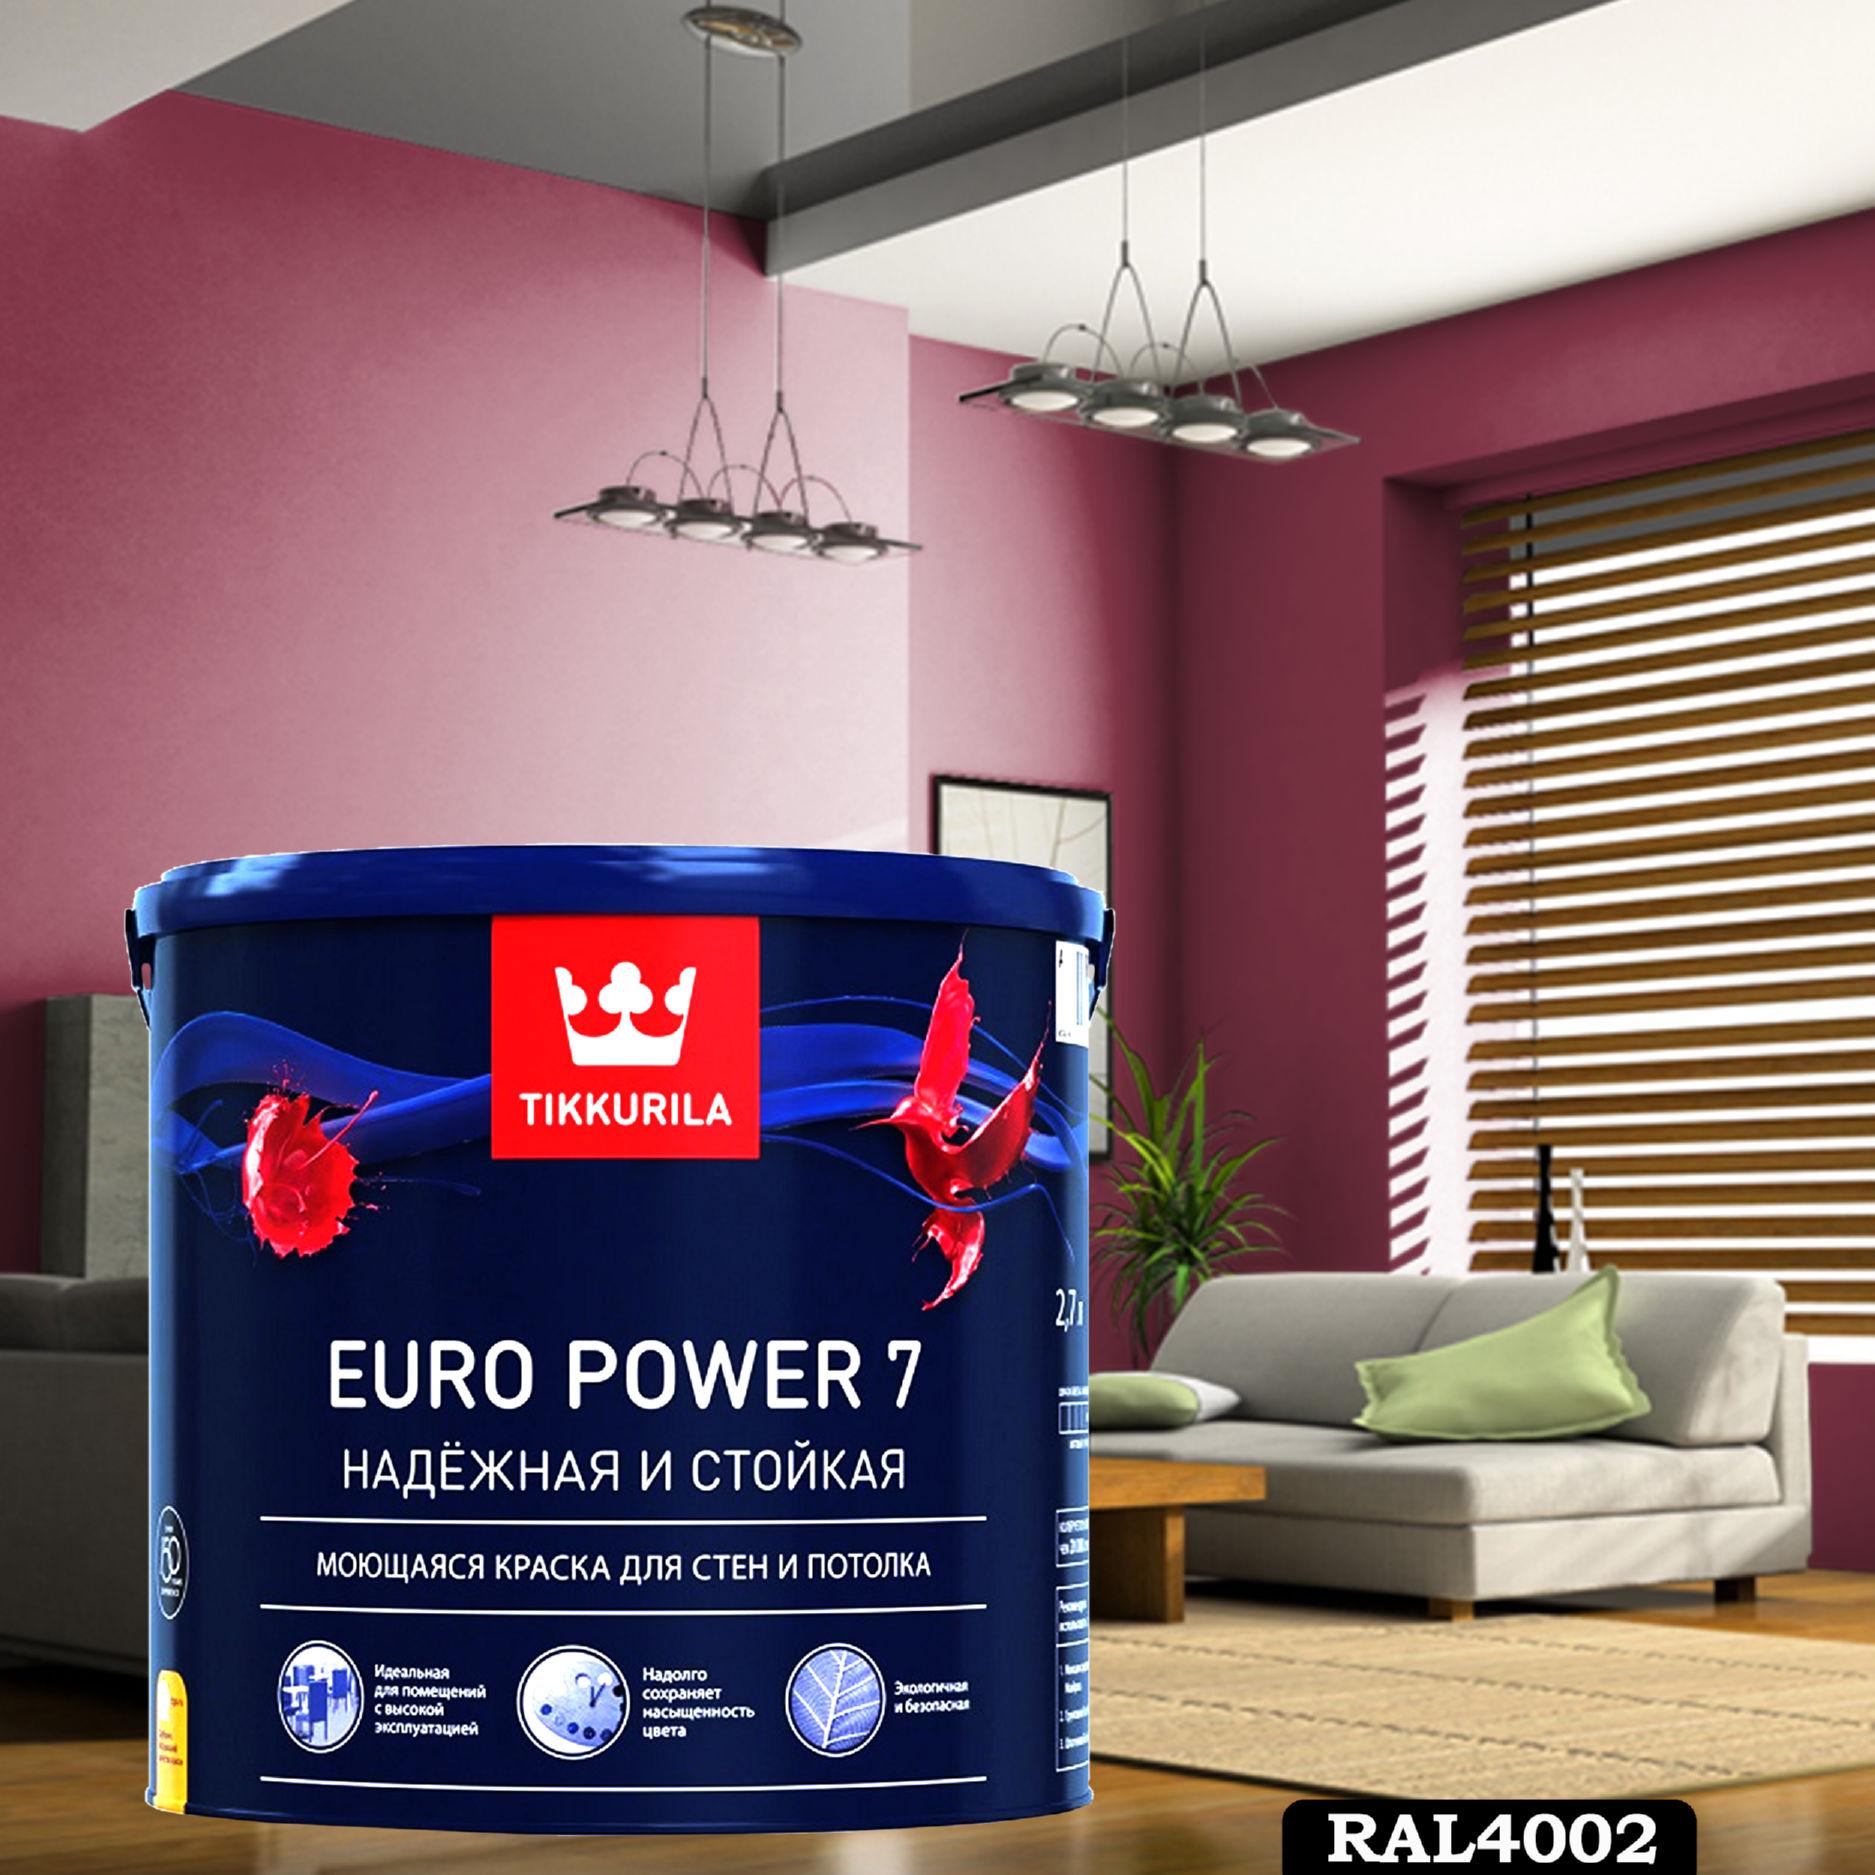 Фото 2 - Краска TIKKURILA Euro Power 7,  RAL 4002 Красно-фиолетовый, латексная моющаяся матовая интерьерная, 9 л.